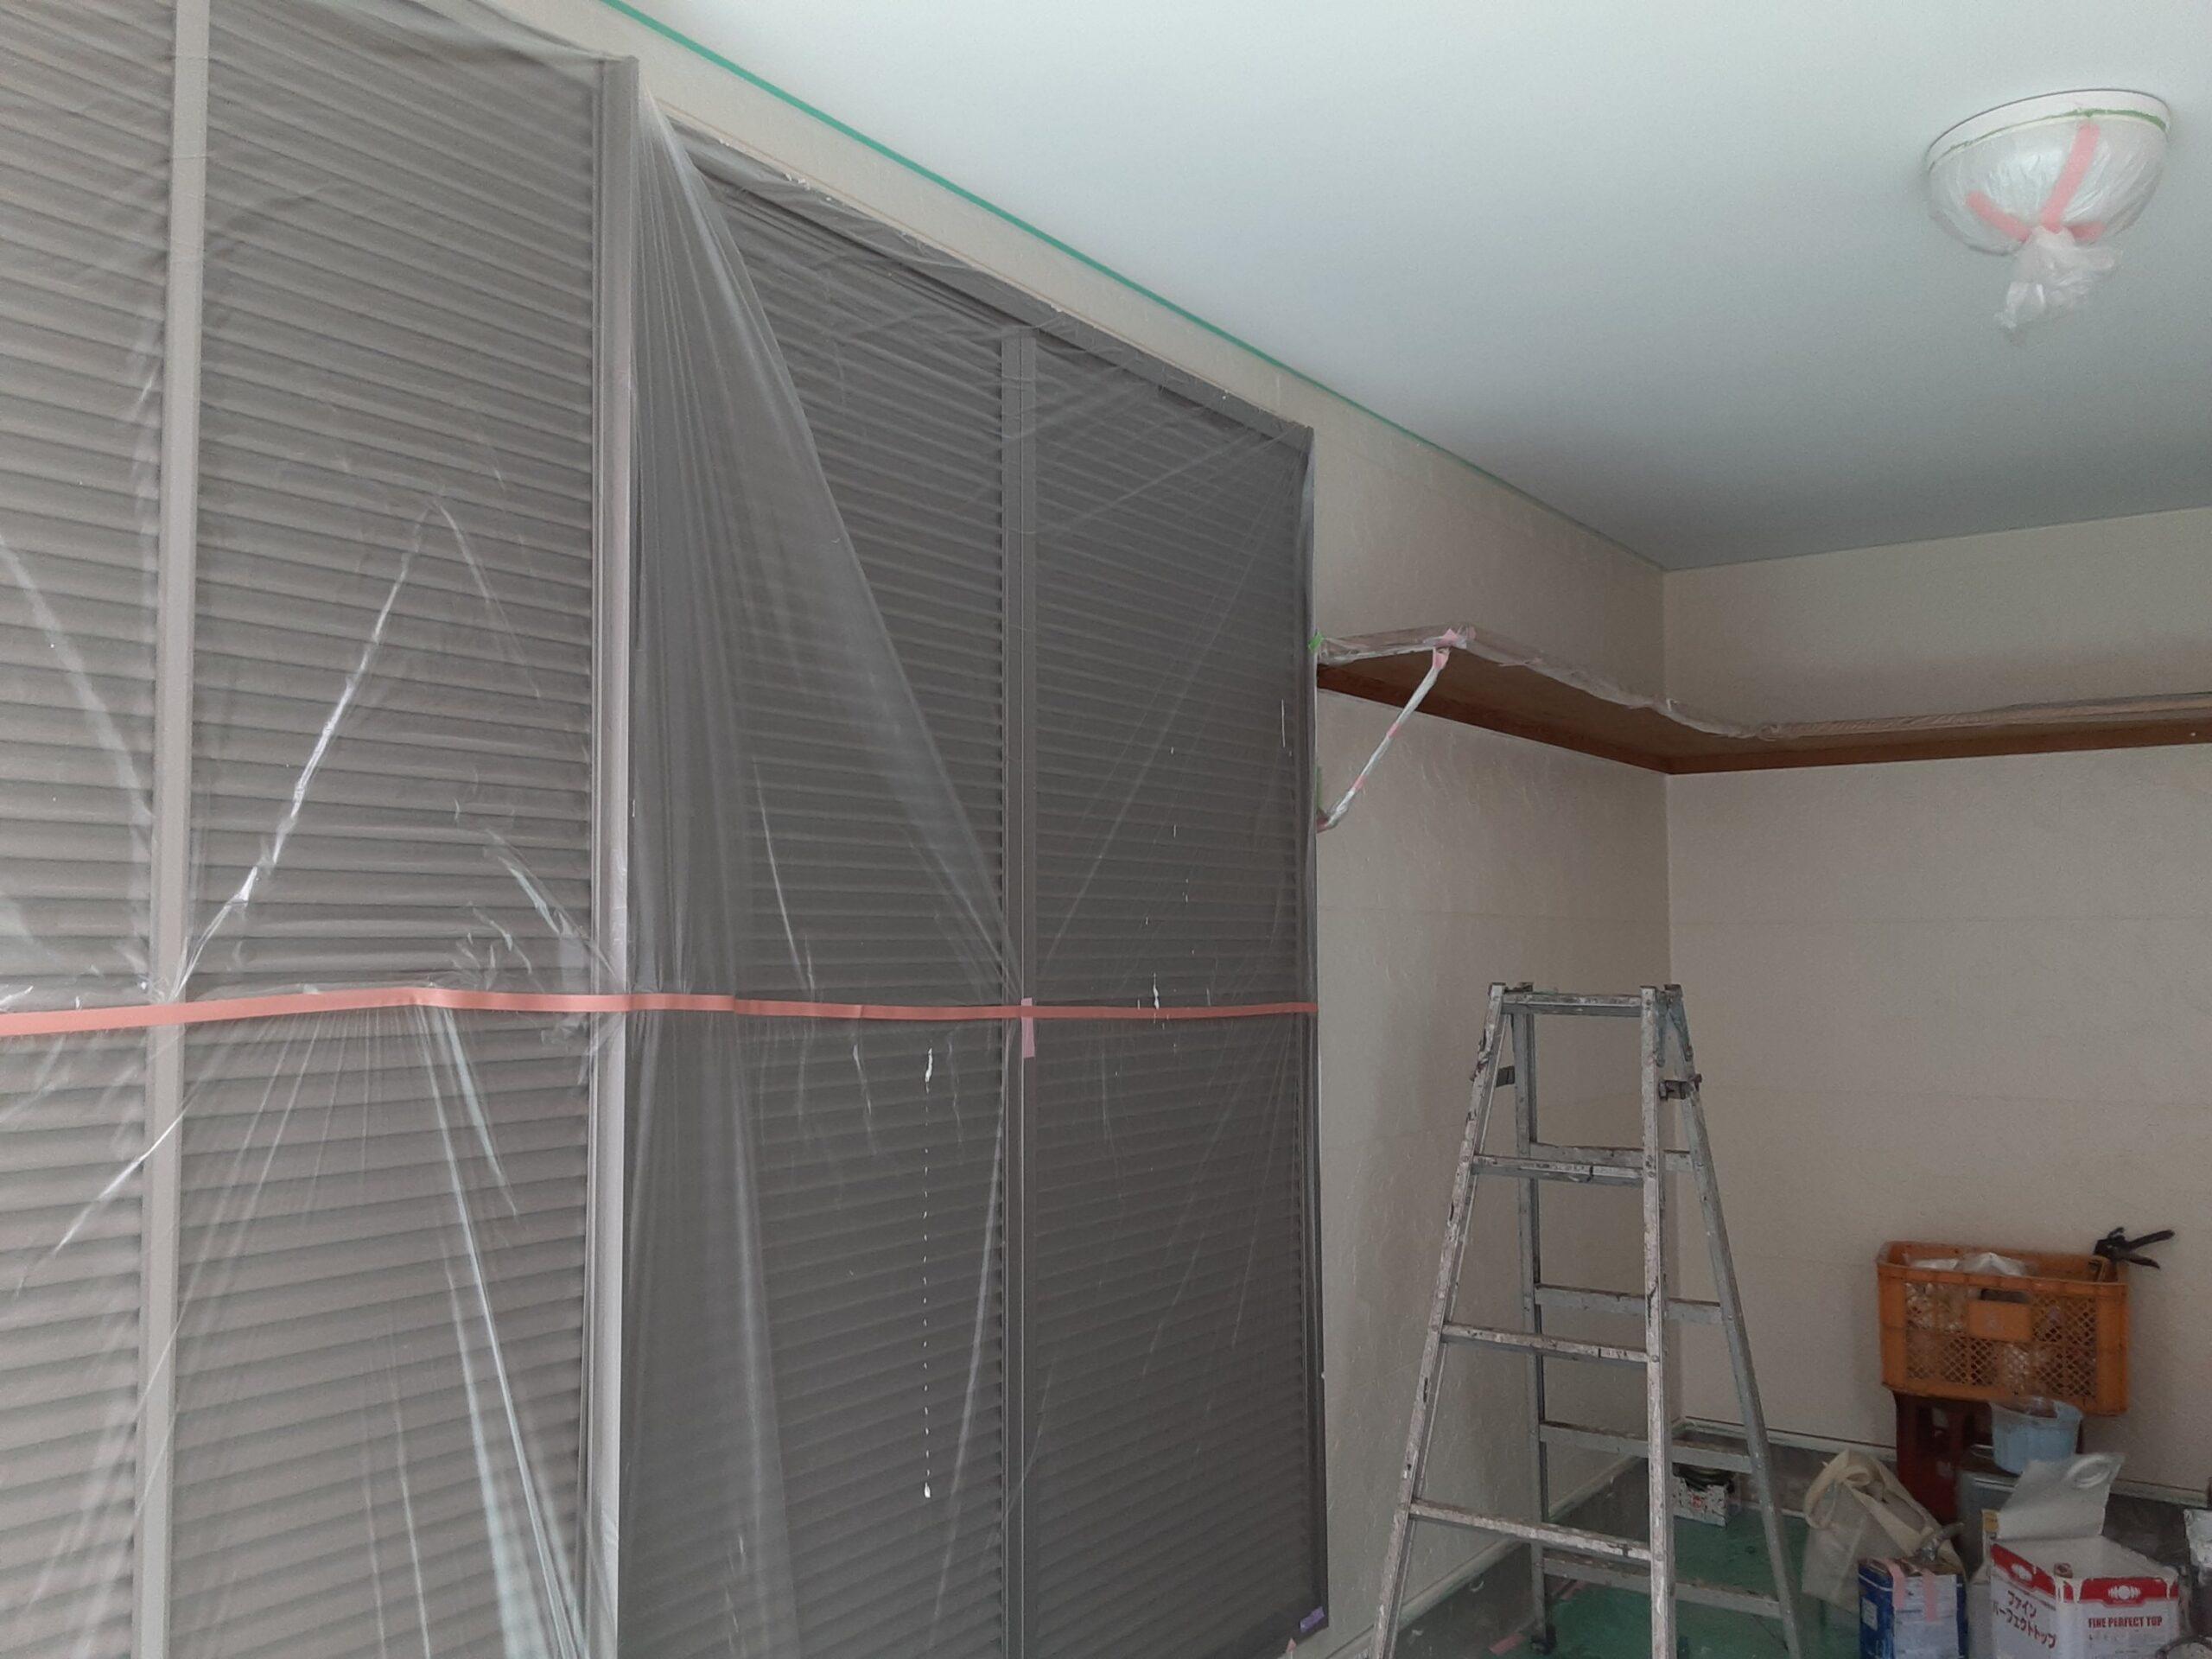 埼玉県さいたま市桜区のA様邸(木造3階建て)にて外壁の仕上げ塗装